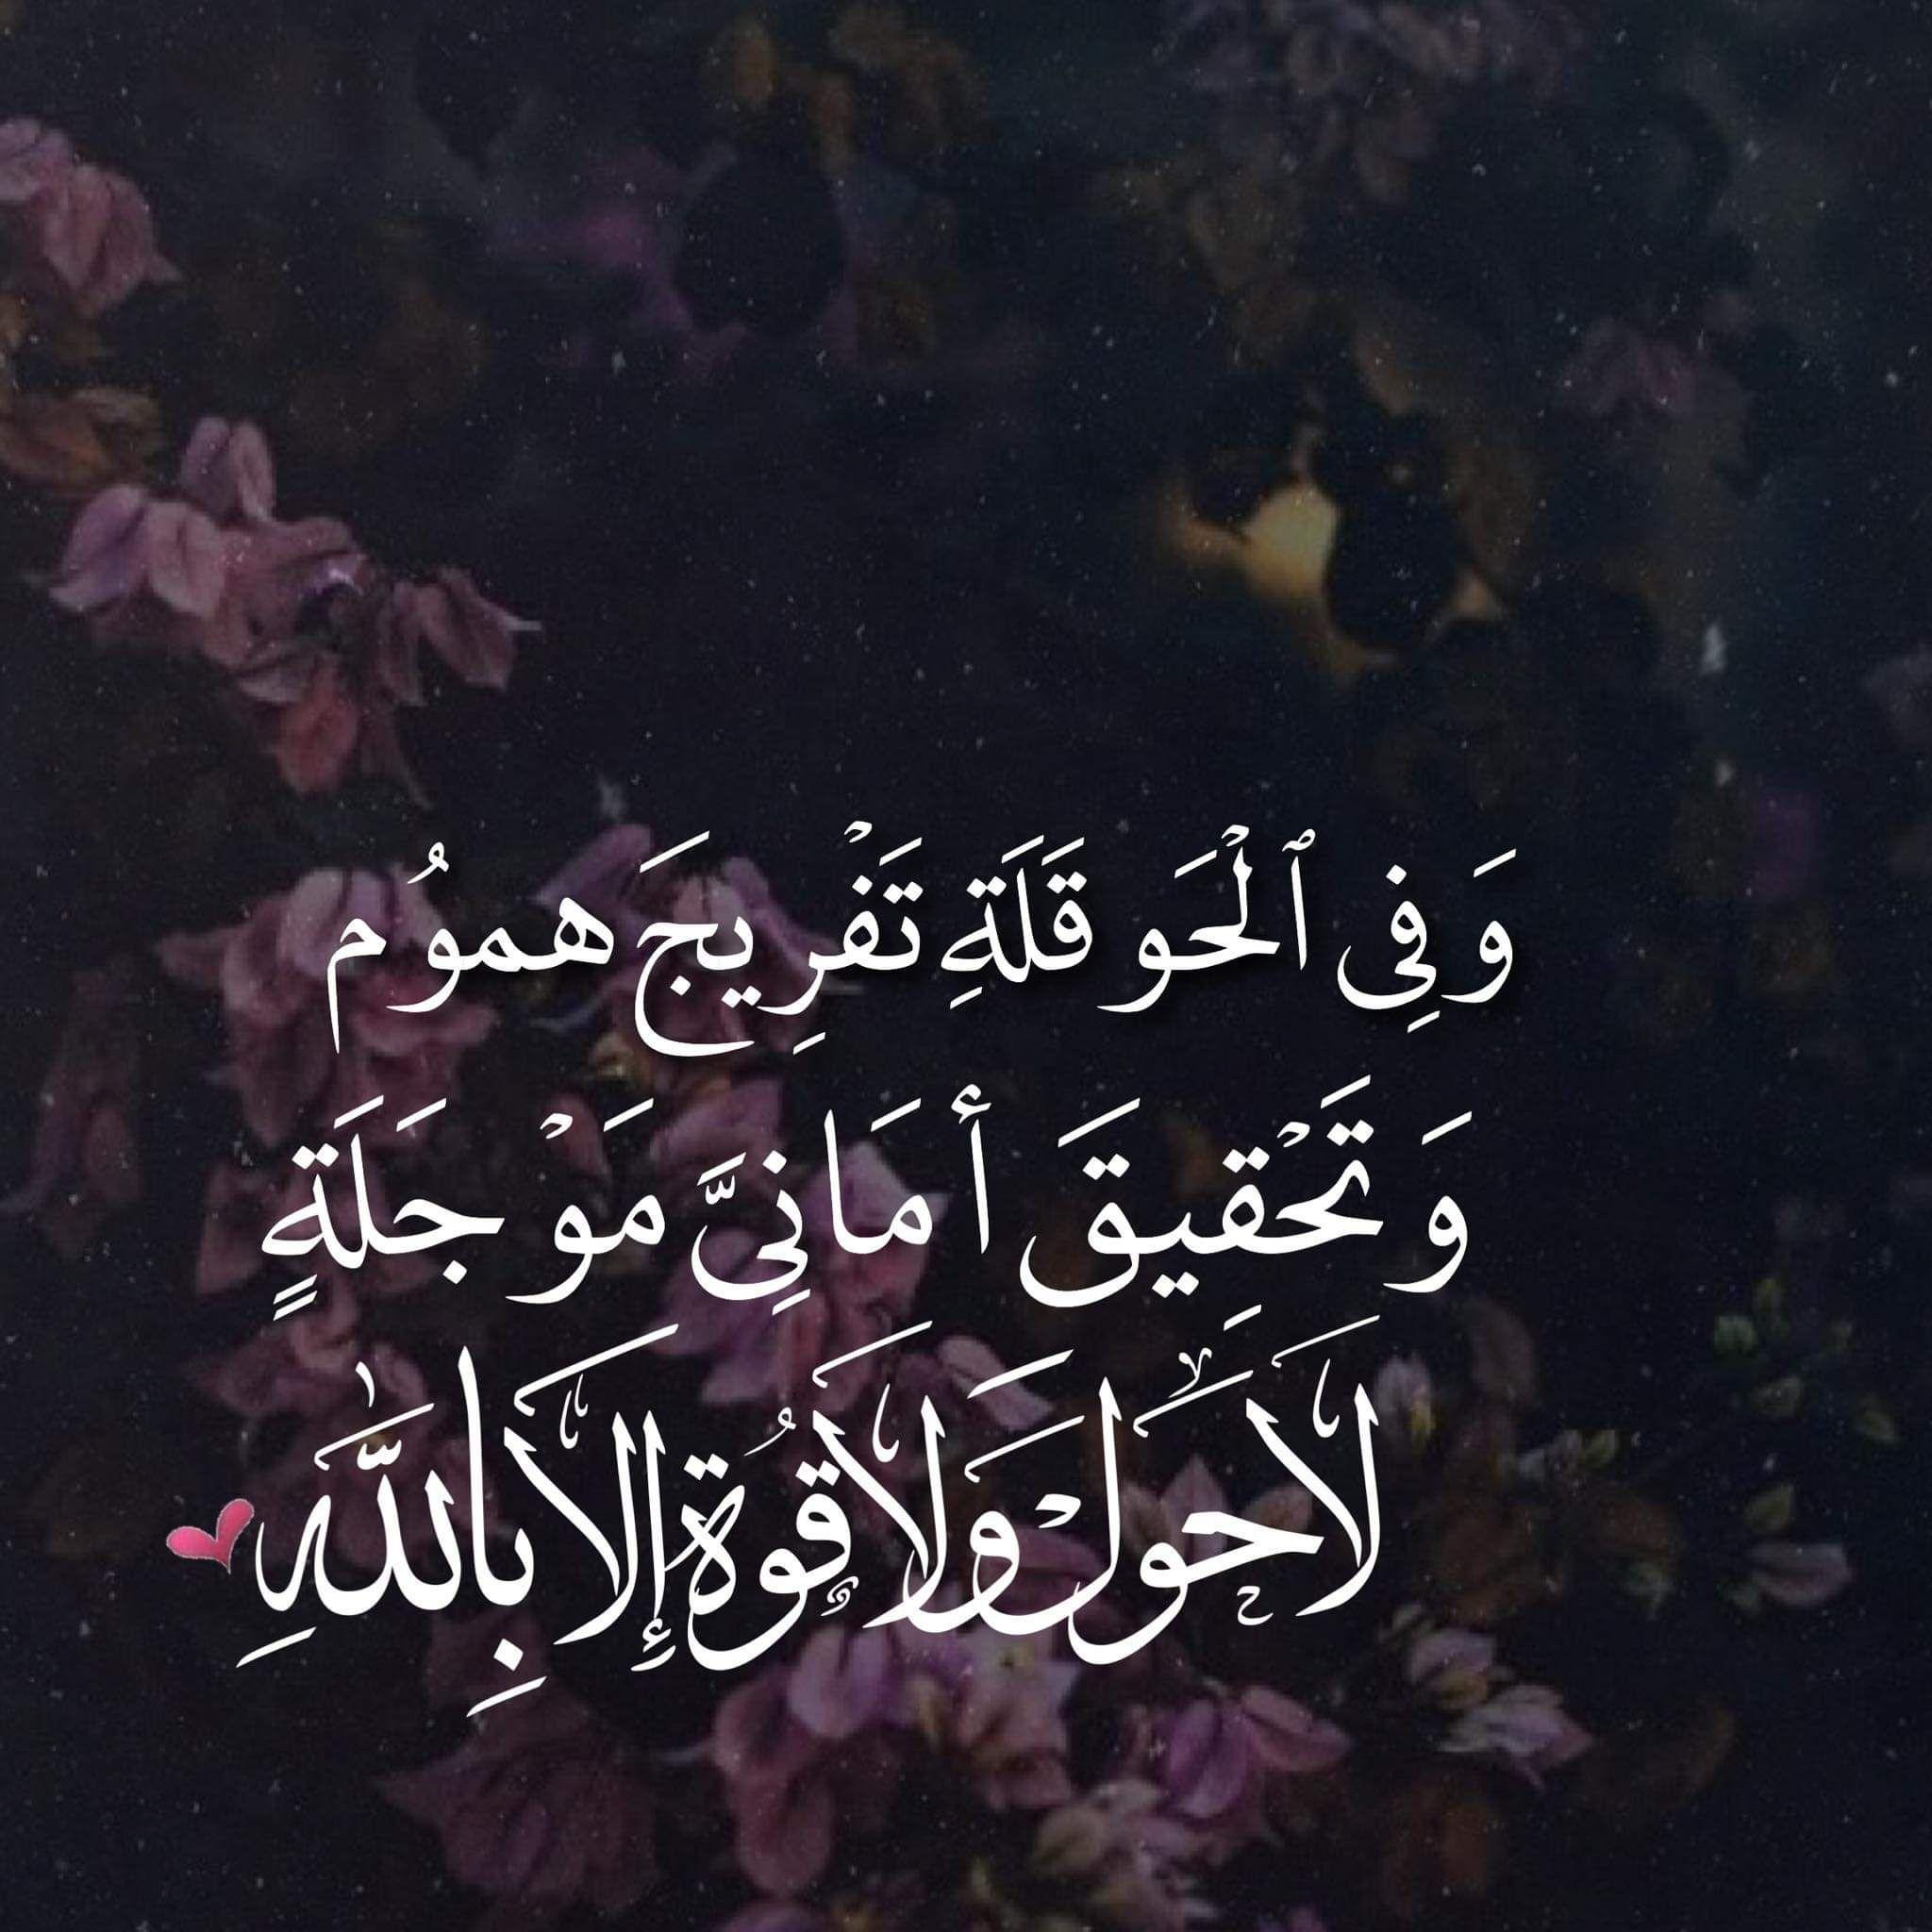 عبارات اسلامية مؤثرة Islamic Quotes Arabic Quotes Quotes